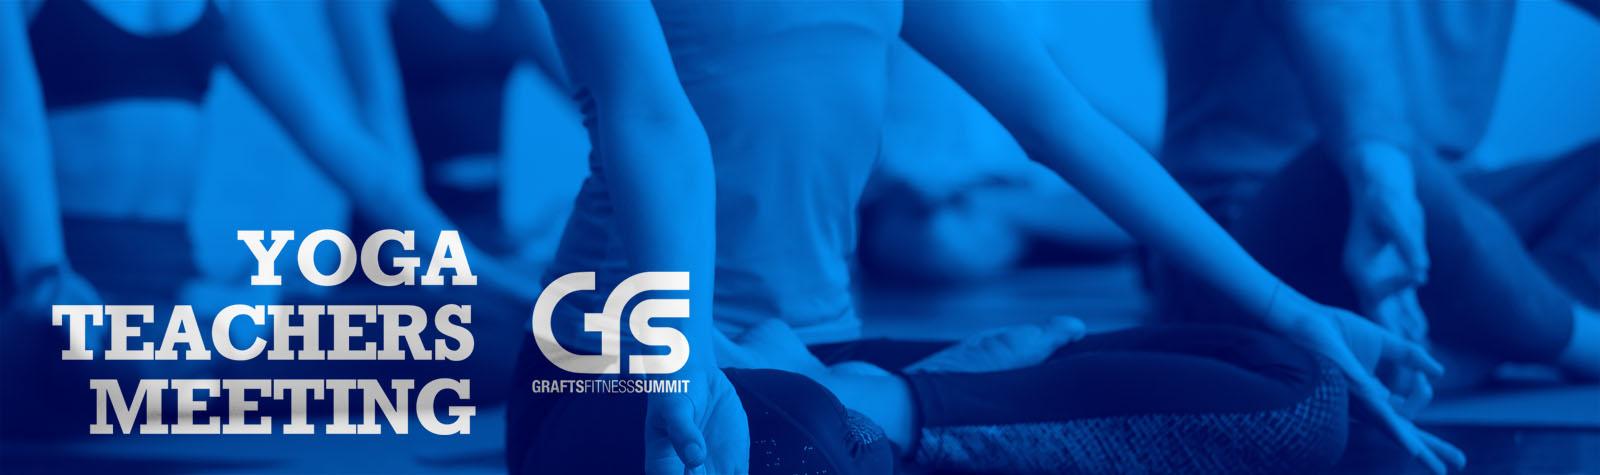 7th GFS 2019 - Yoga Teachers Meeting banner